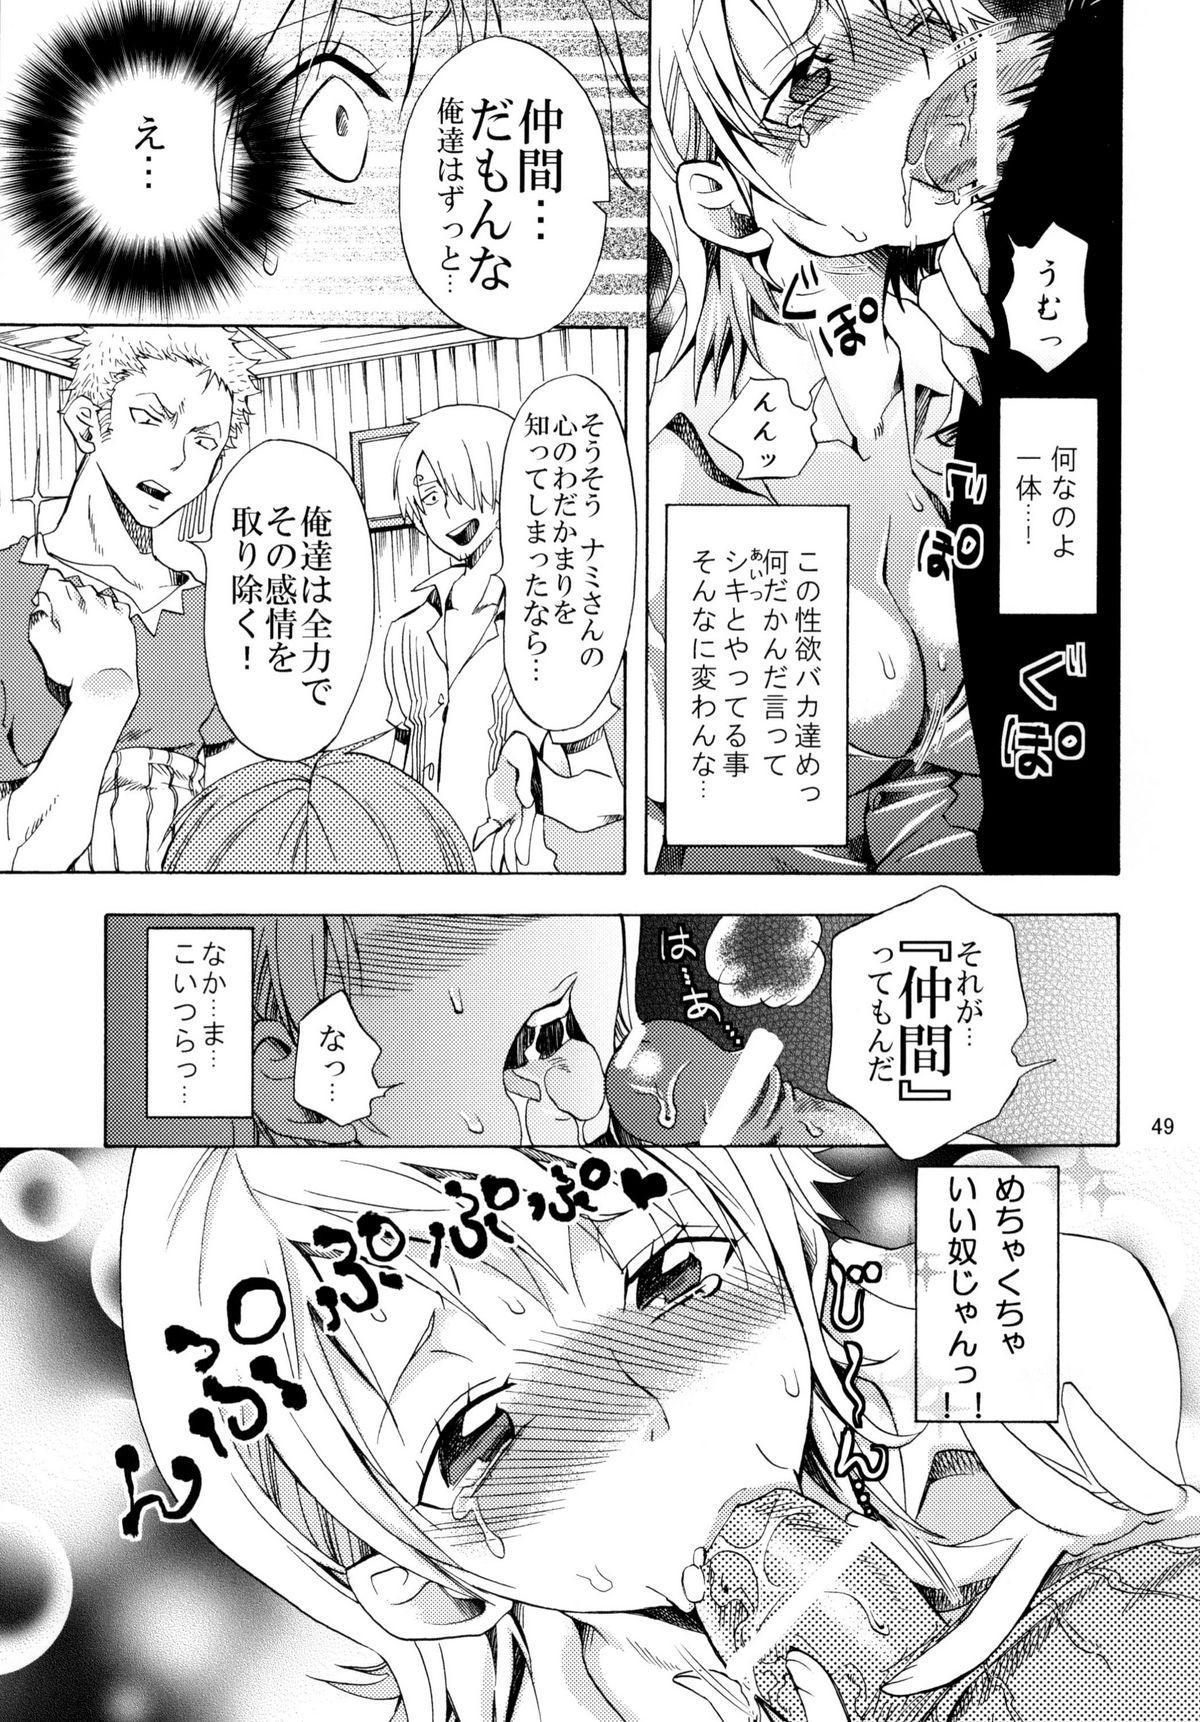 Yokujou Pirates 46